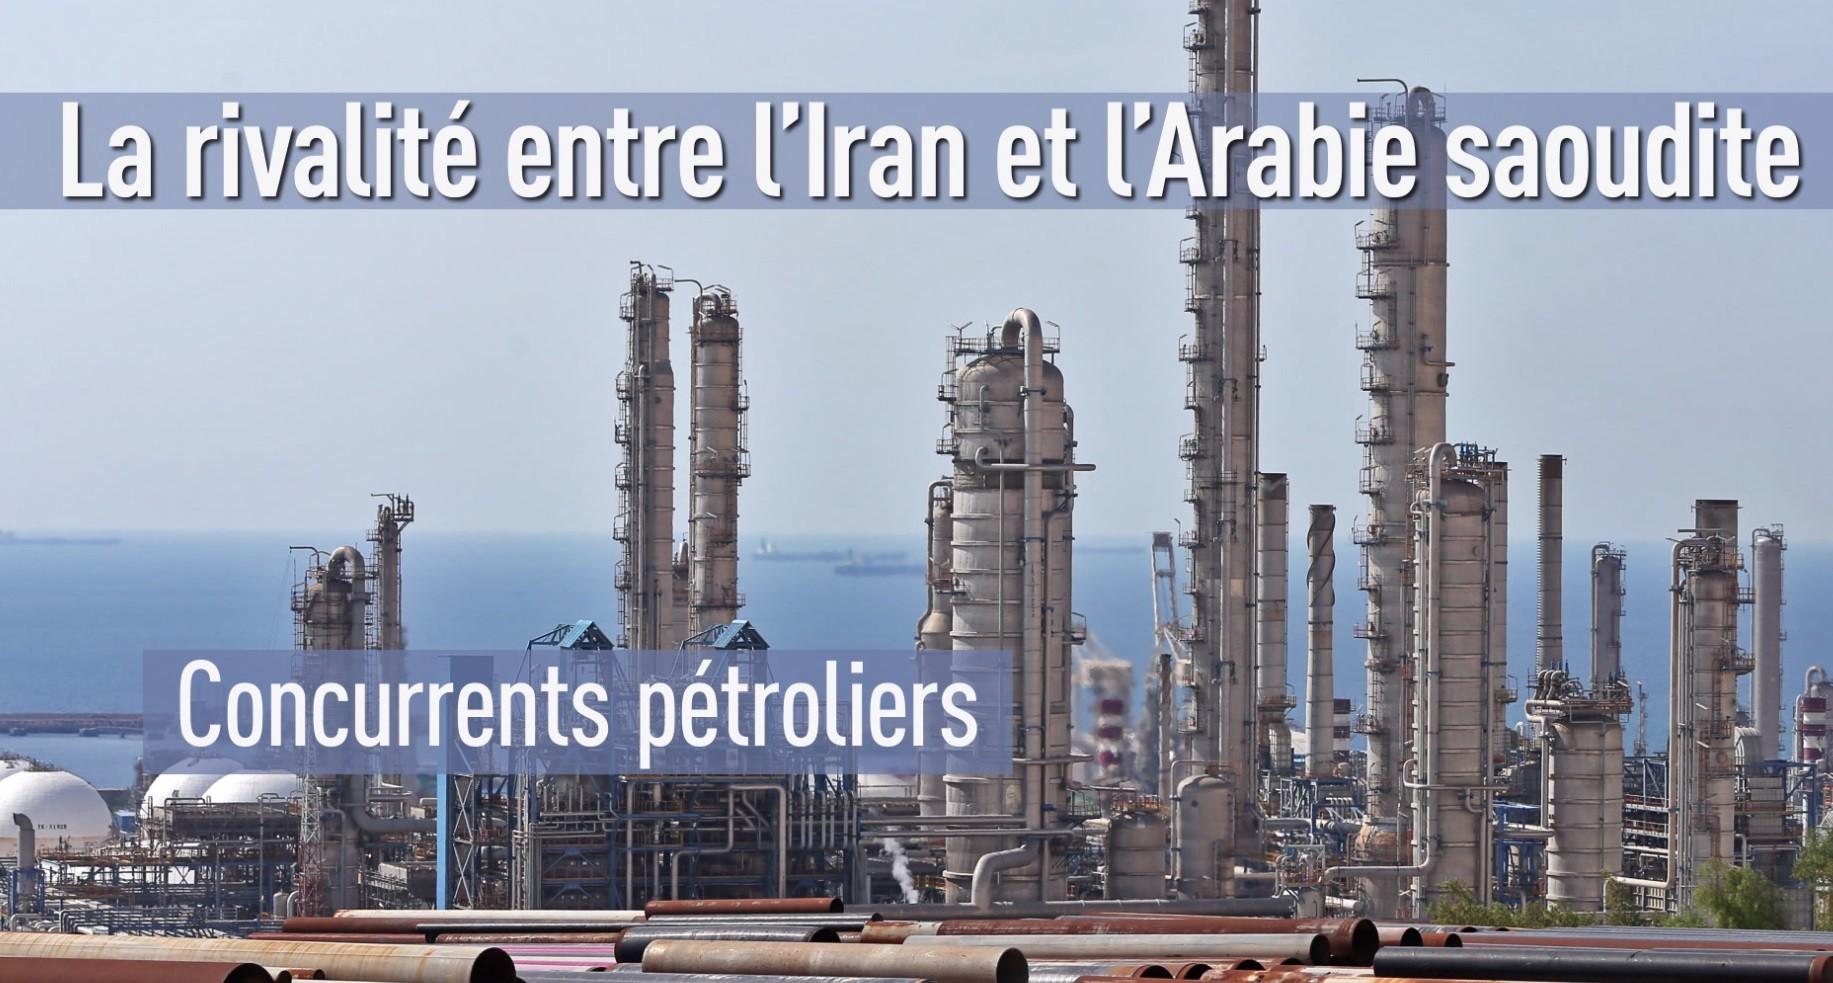 L'Iran et l'Arabie saoudite: les plus grands rivaux de la décennie ? Pourquoi ?